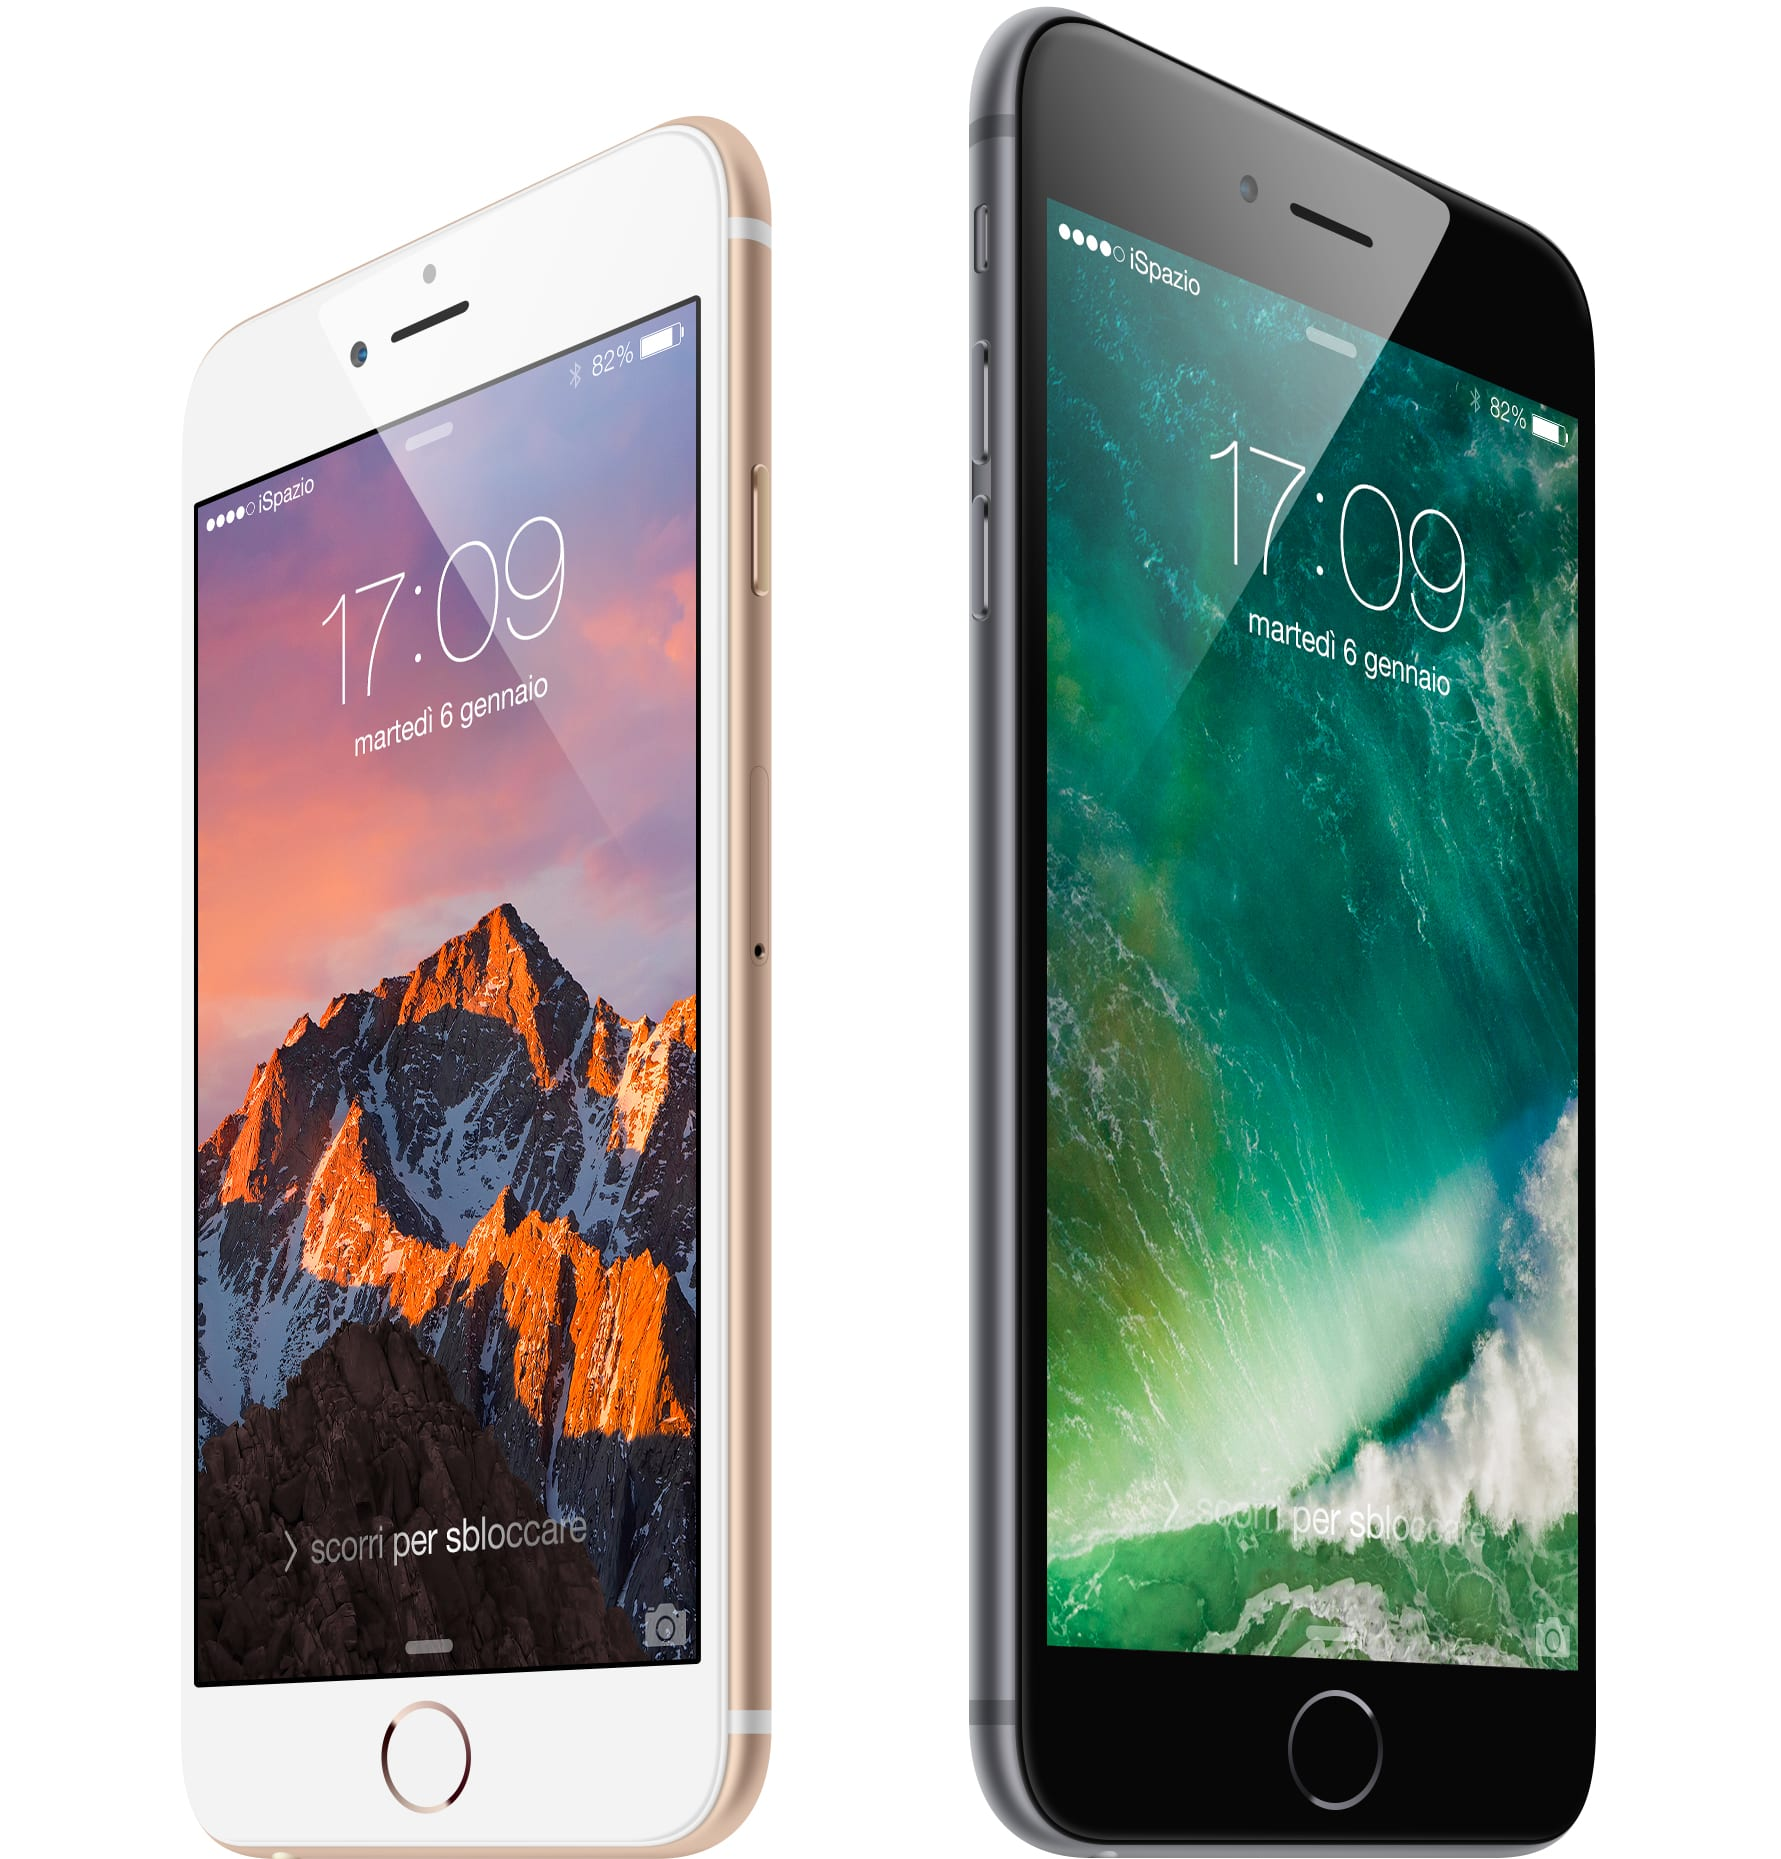 #WallpaperSelection #105: Gli Sfondi di iOS 10 e di macOS Sierra realizzati da iSpazio, disponibili al download